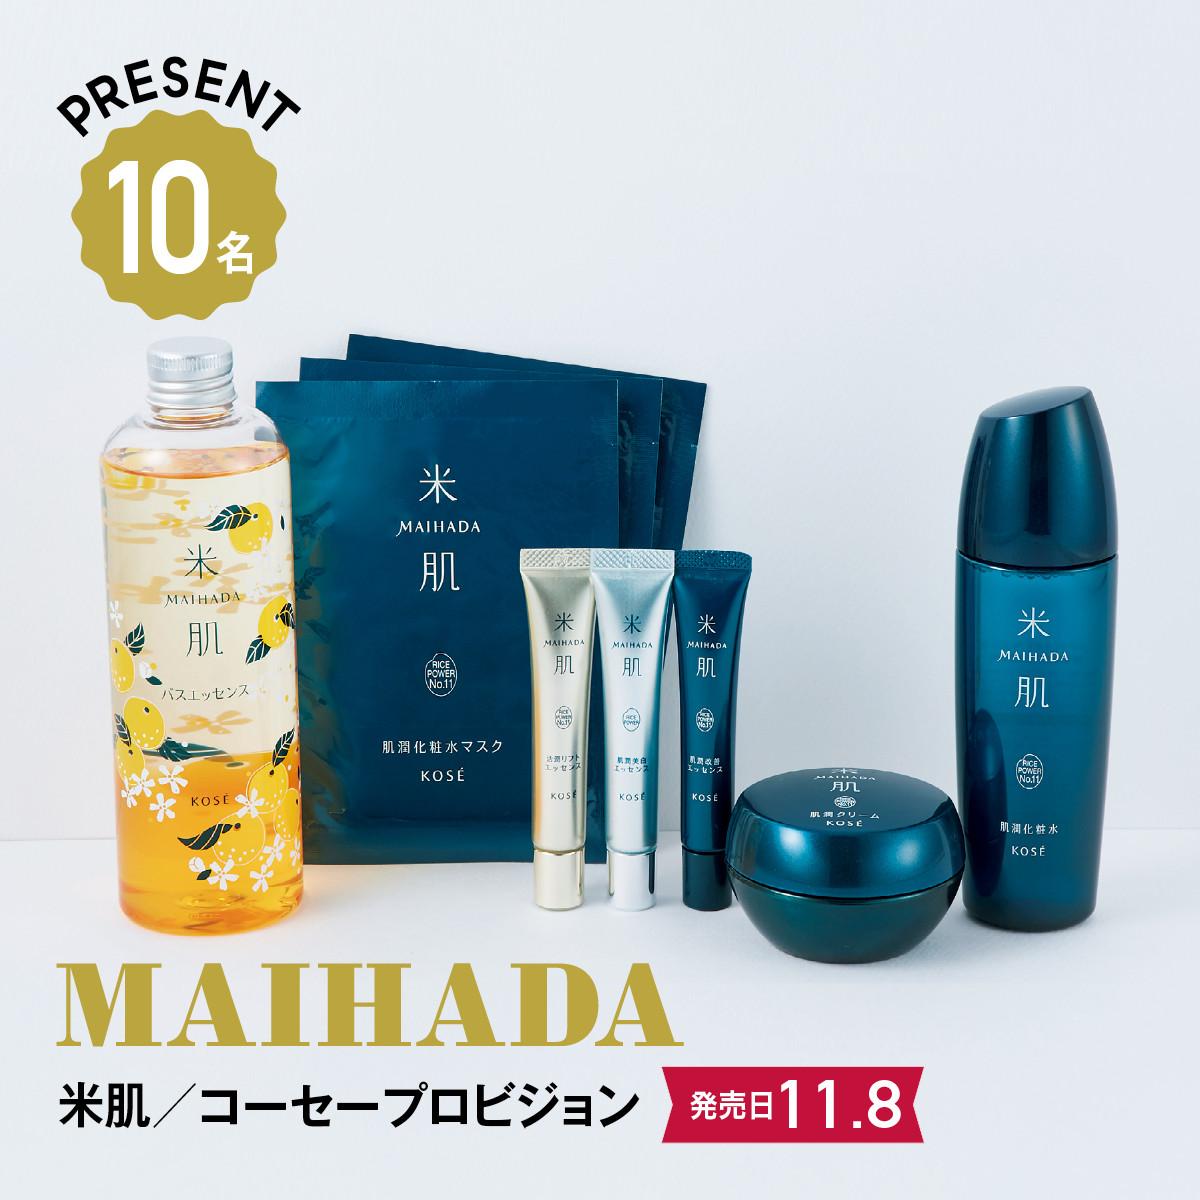 2019クリスマスコフレ&限定品:MAIHADA/米肌